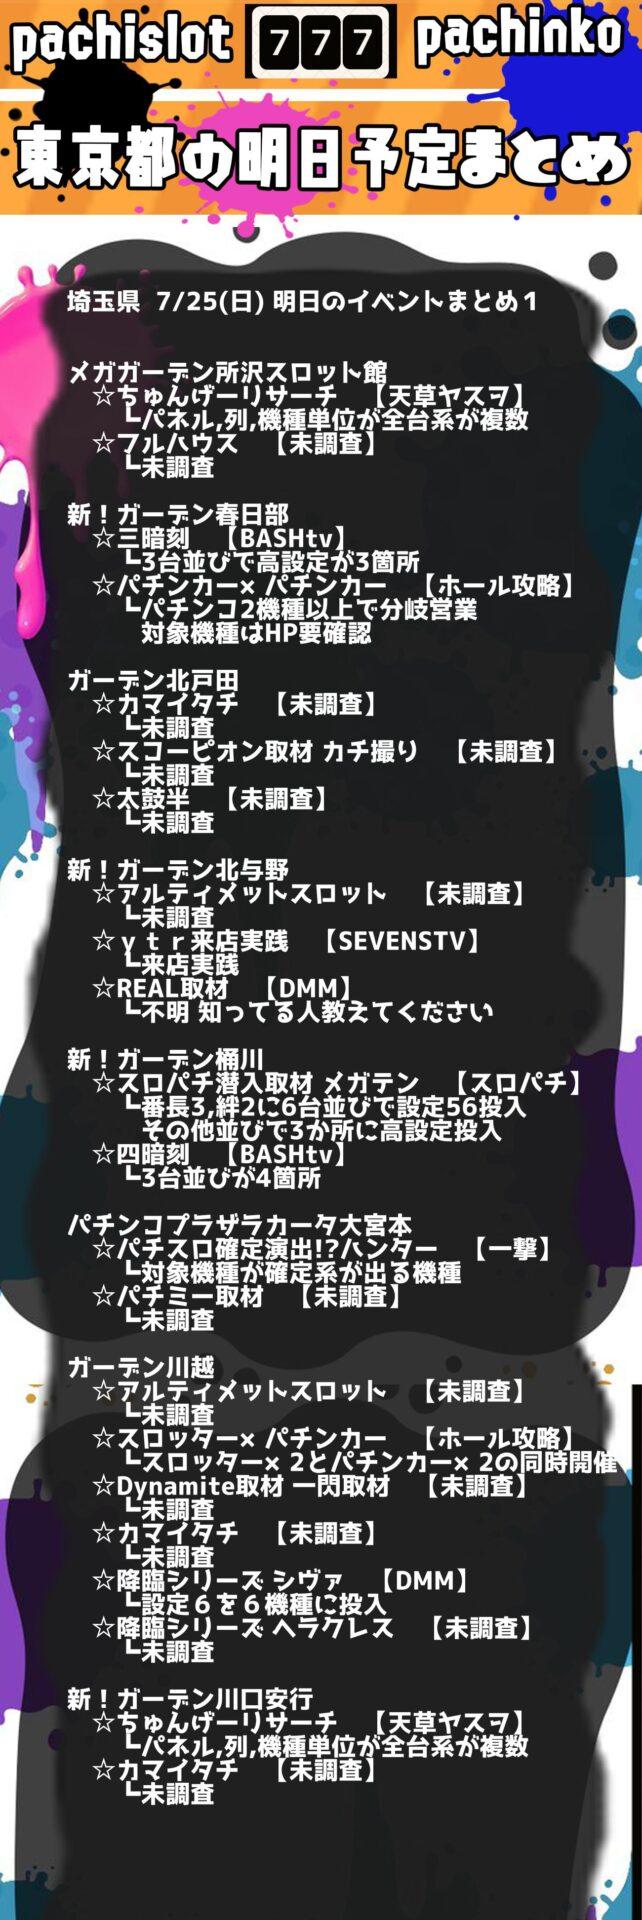 埼玉県_2021-07-25_パチンコ・パチスロ_イベント